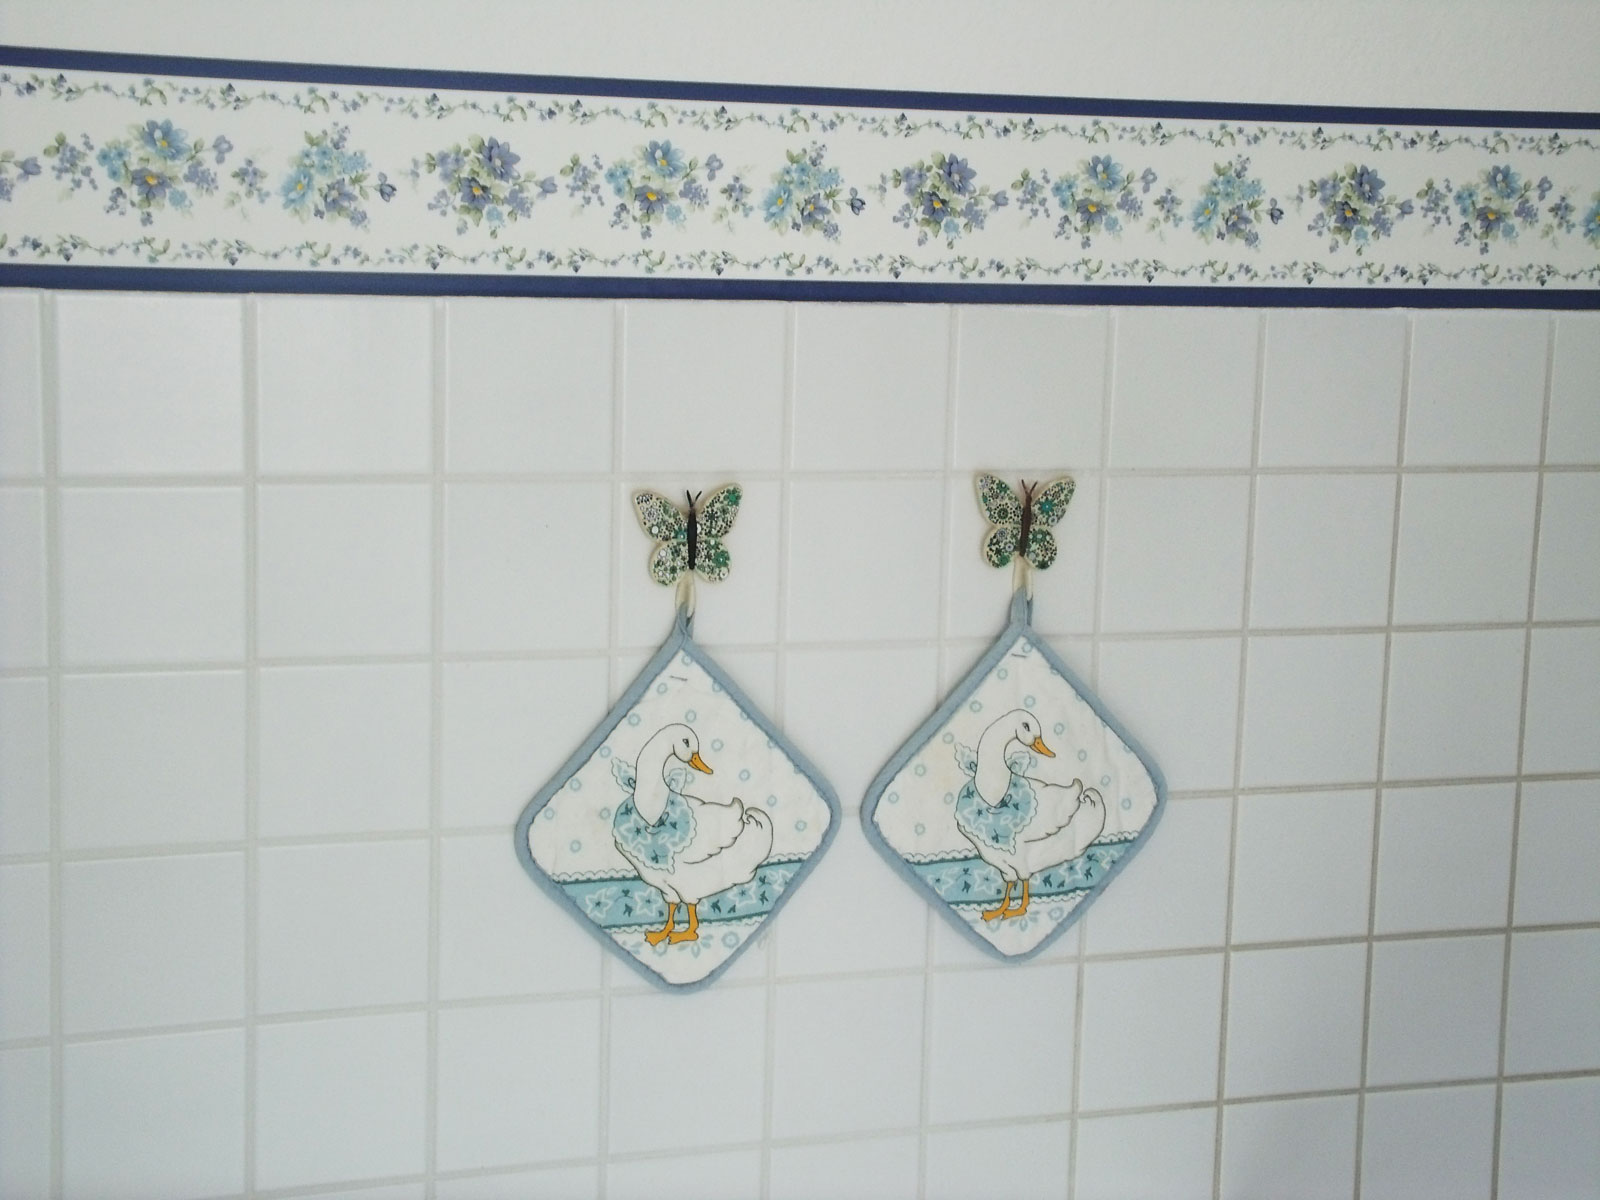 Wand Tapeten Selbstklebend : Bord?re Tapeten Borte violette Blumen Bl?ten selbstklebend /4,00